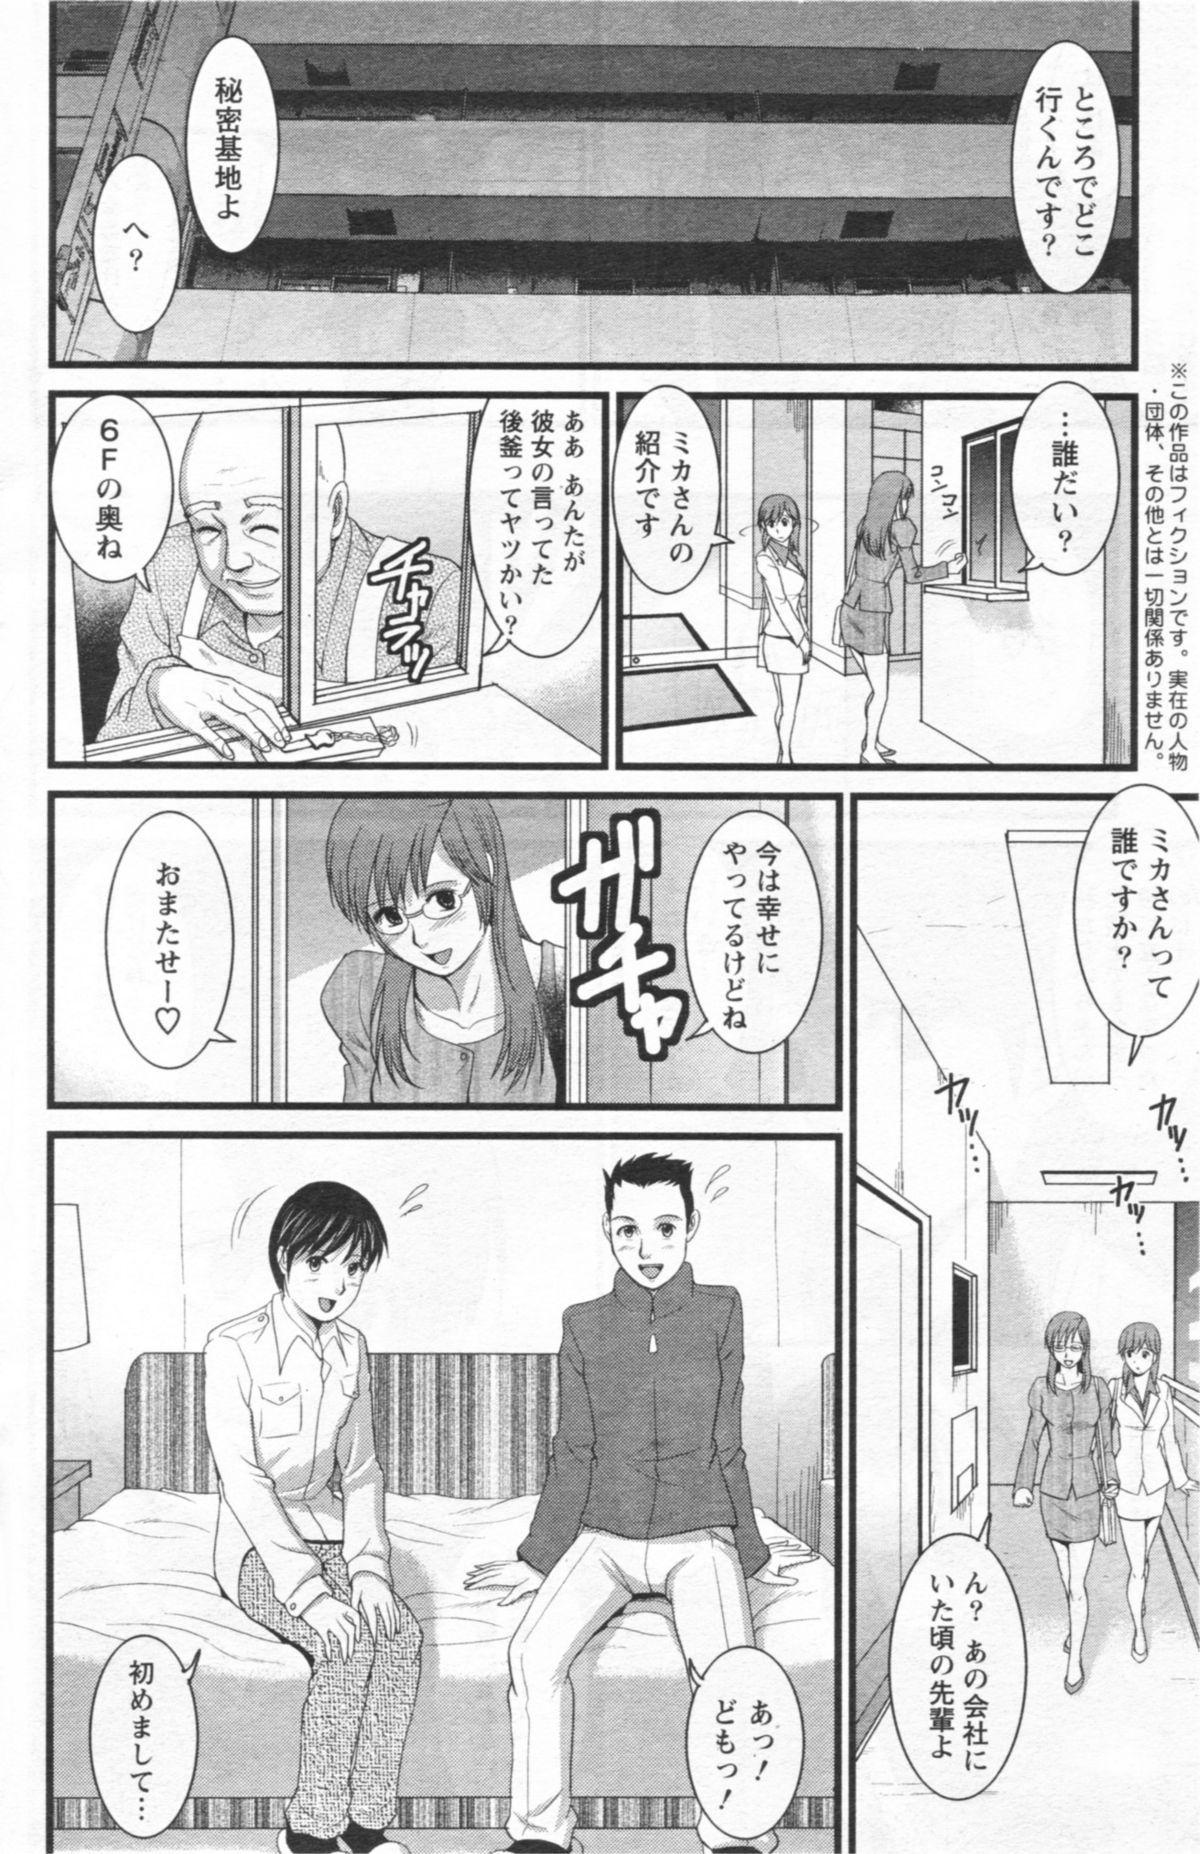 Haken no Muuko-san 12 11